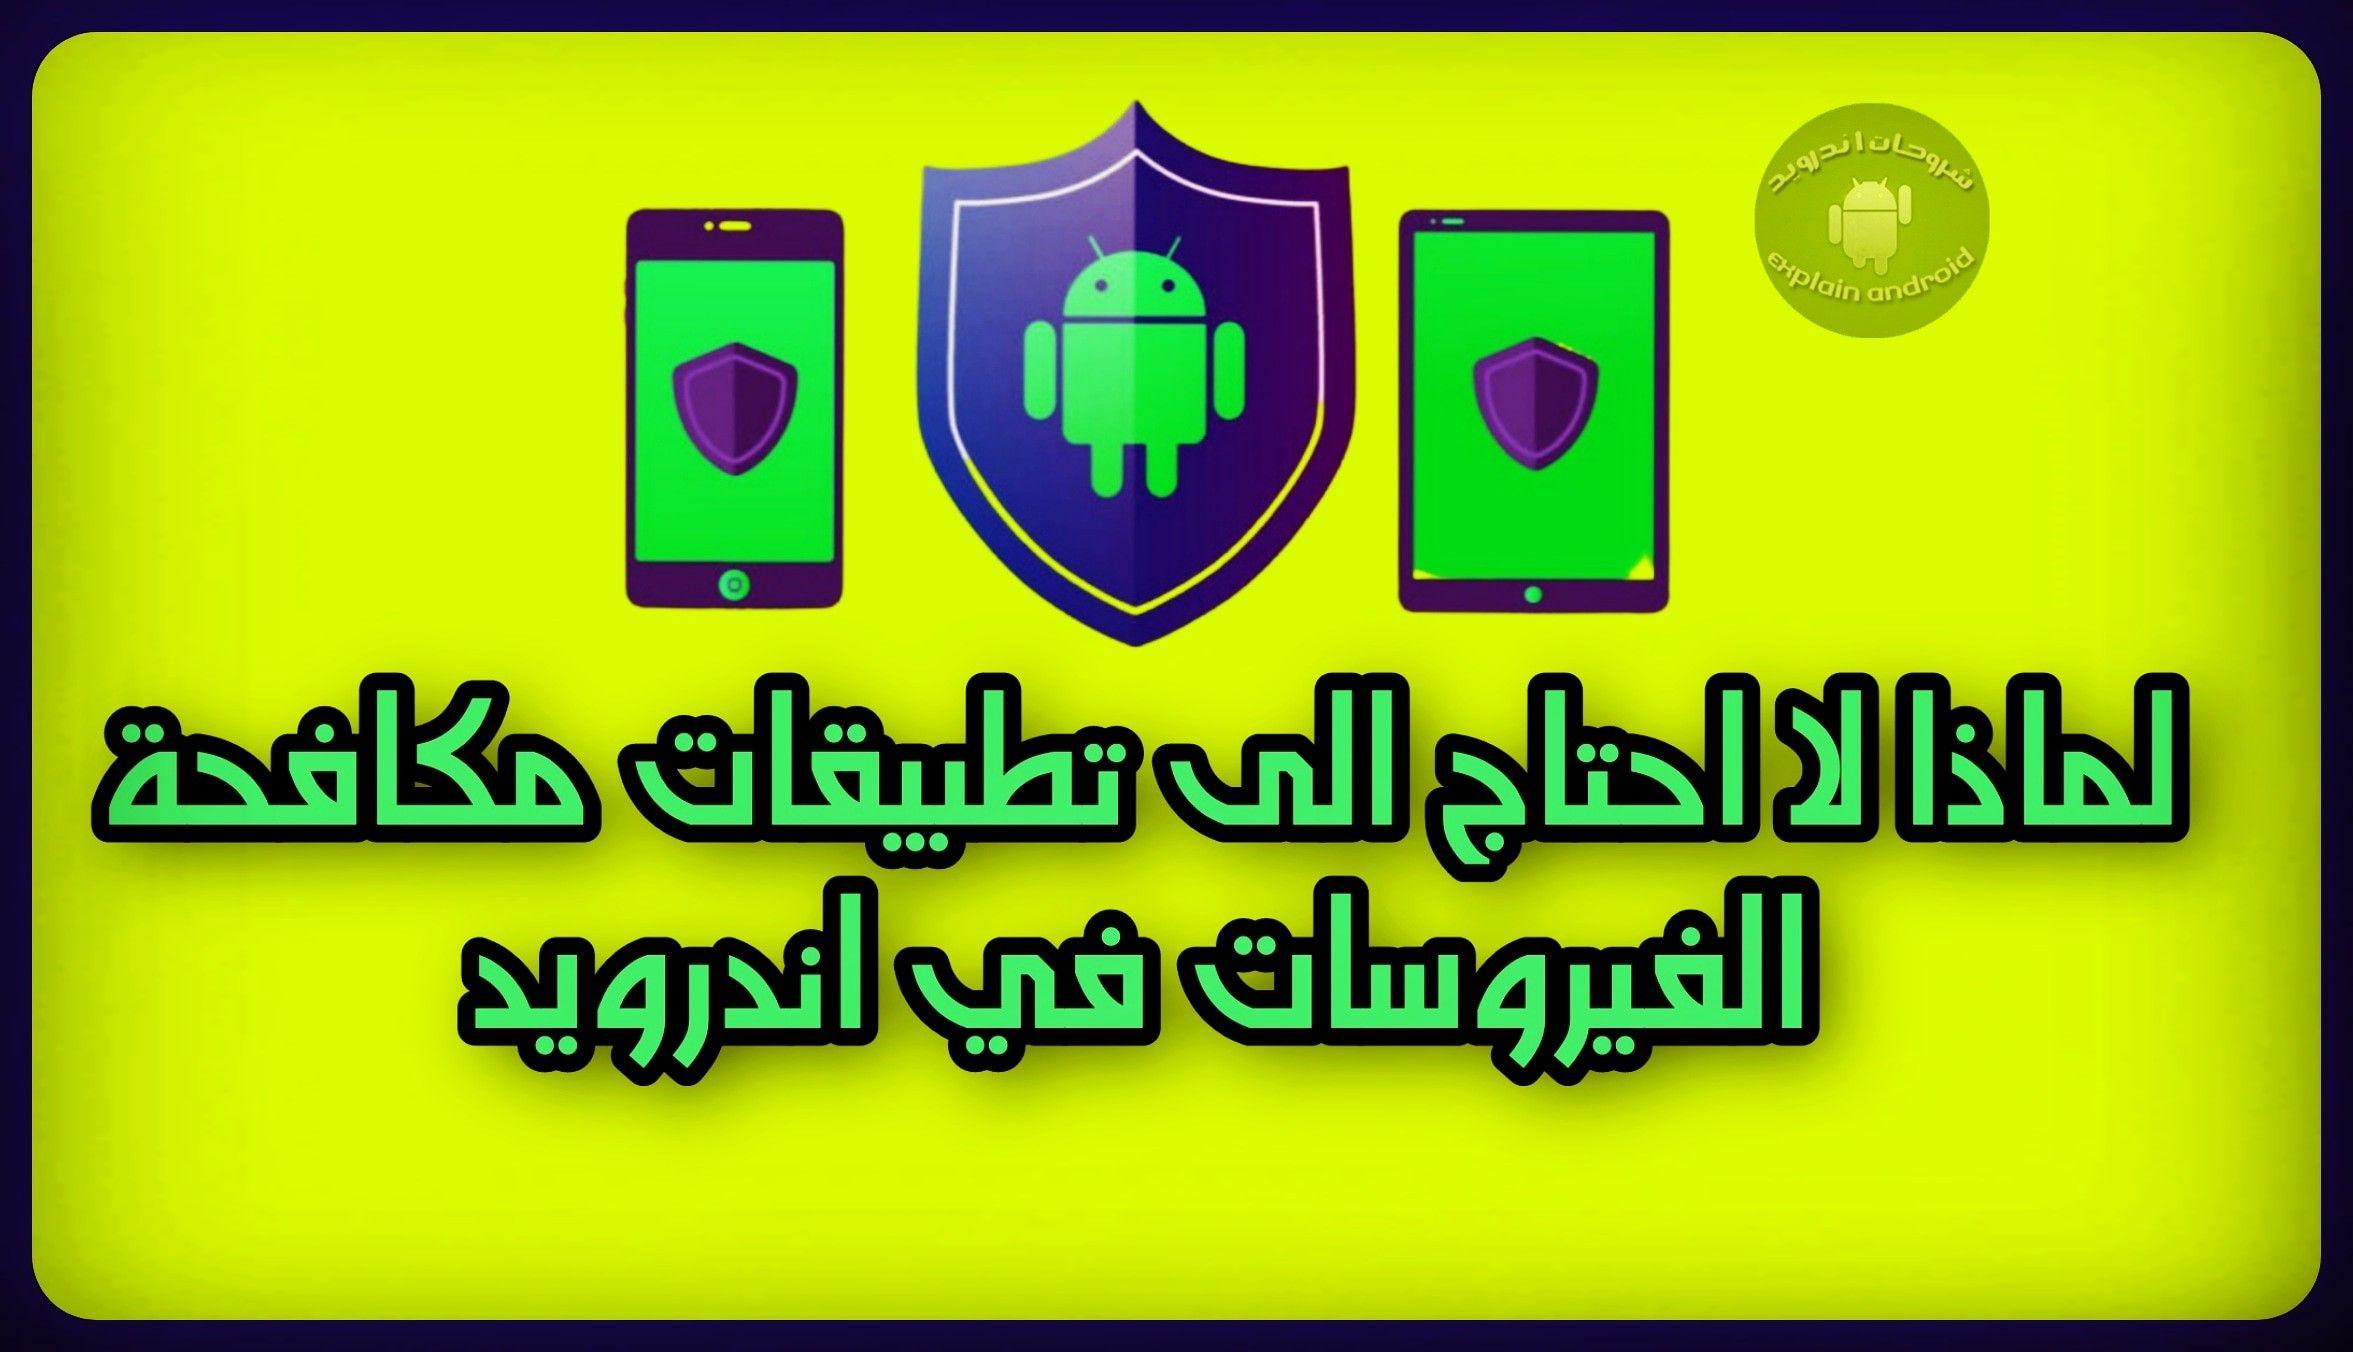 لماذا أجهزة اندرويد لا تحتاج تطبيقات مكافحة الفيروسات وليس هناك داع لتنصيب هذه التطبيقات Android